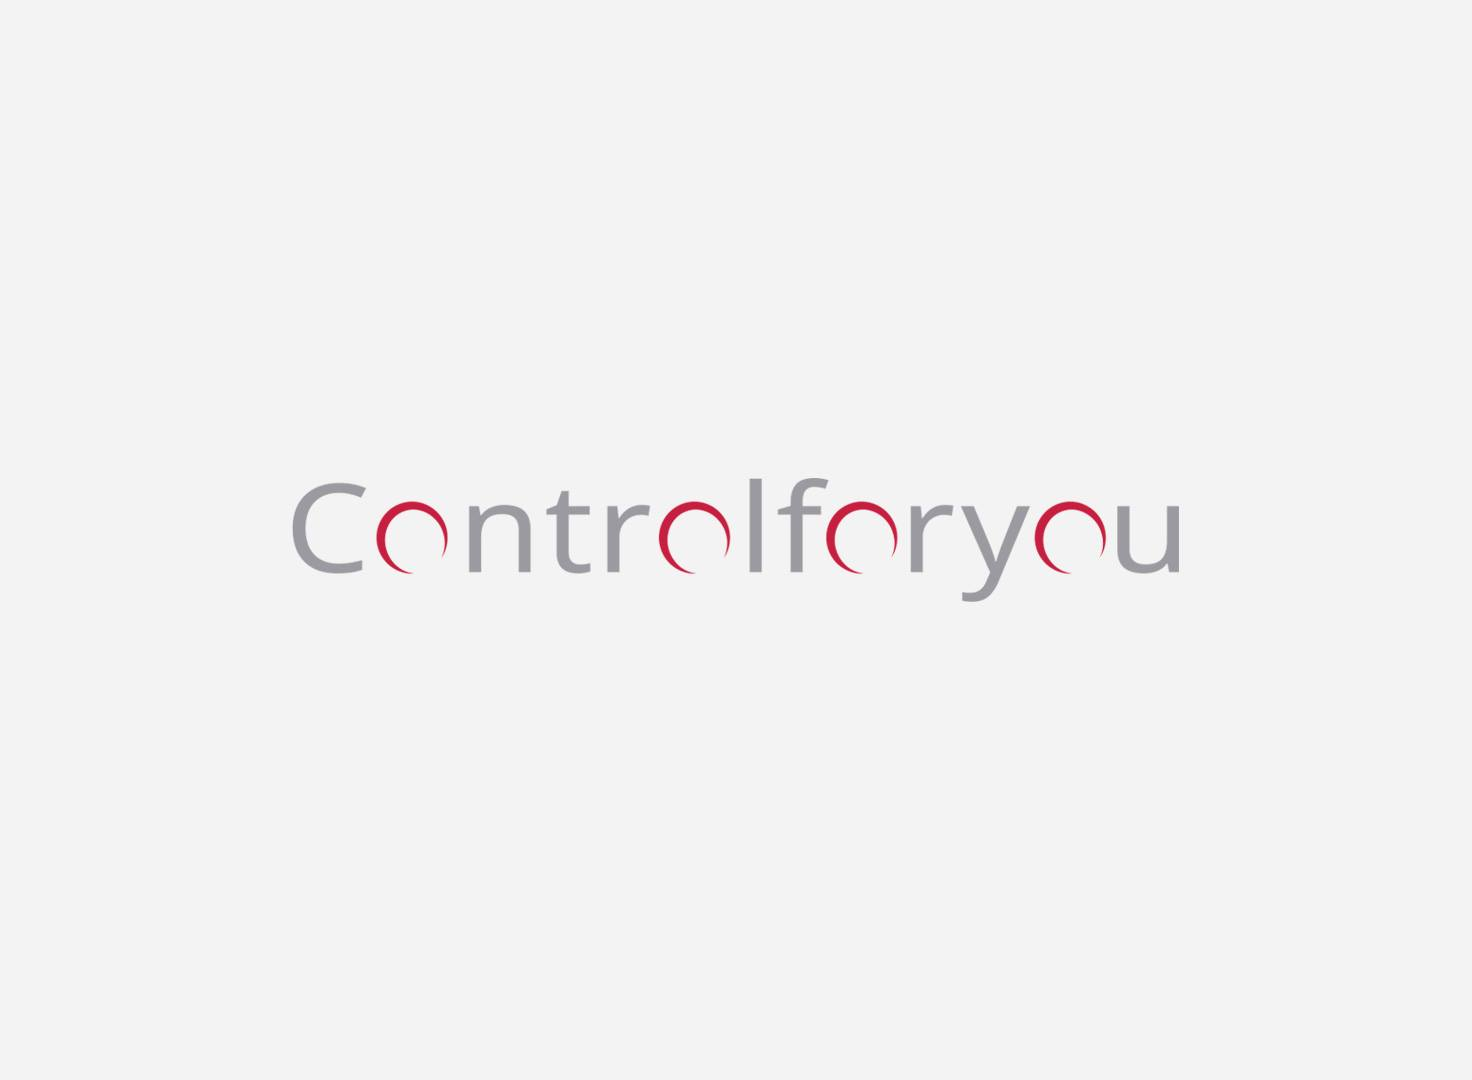 Controlforyou